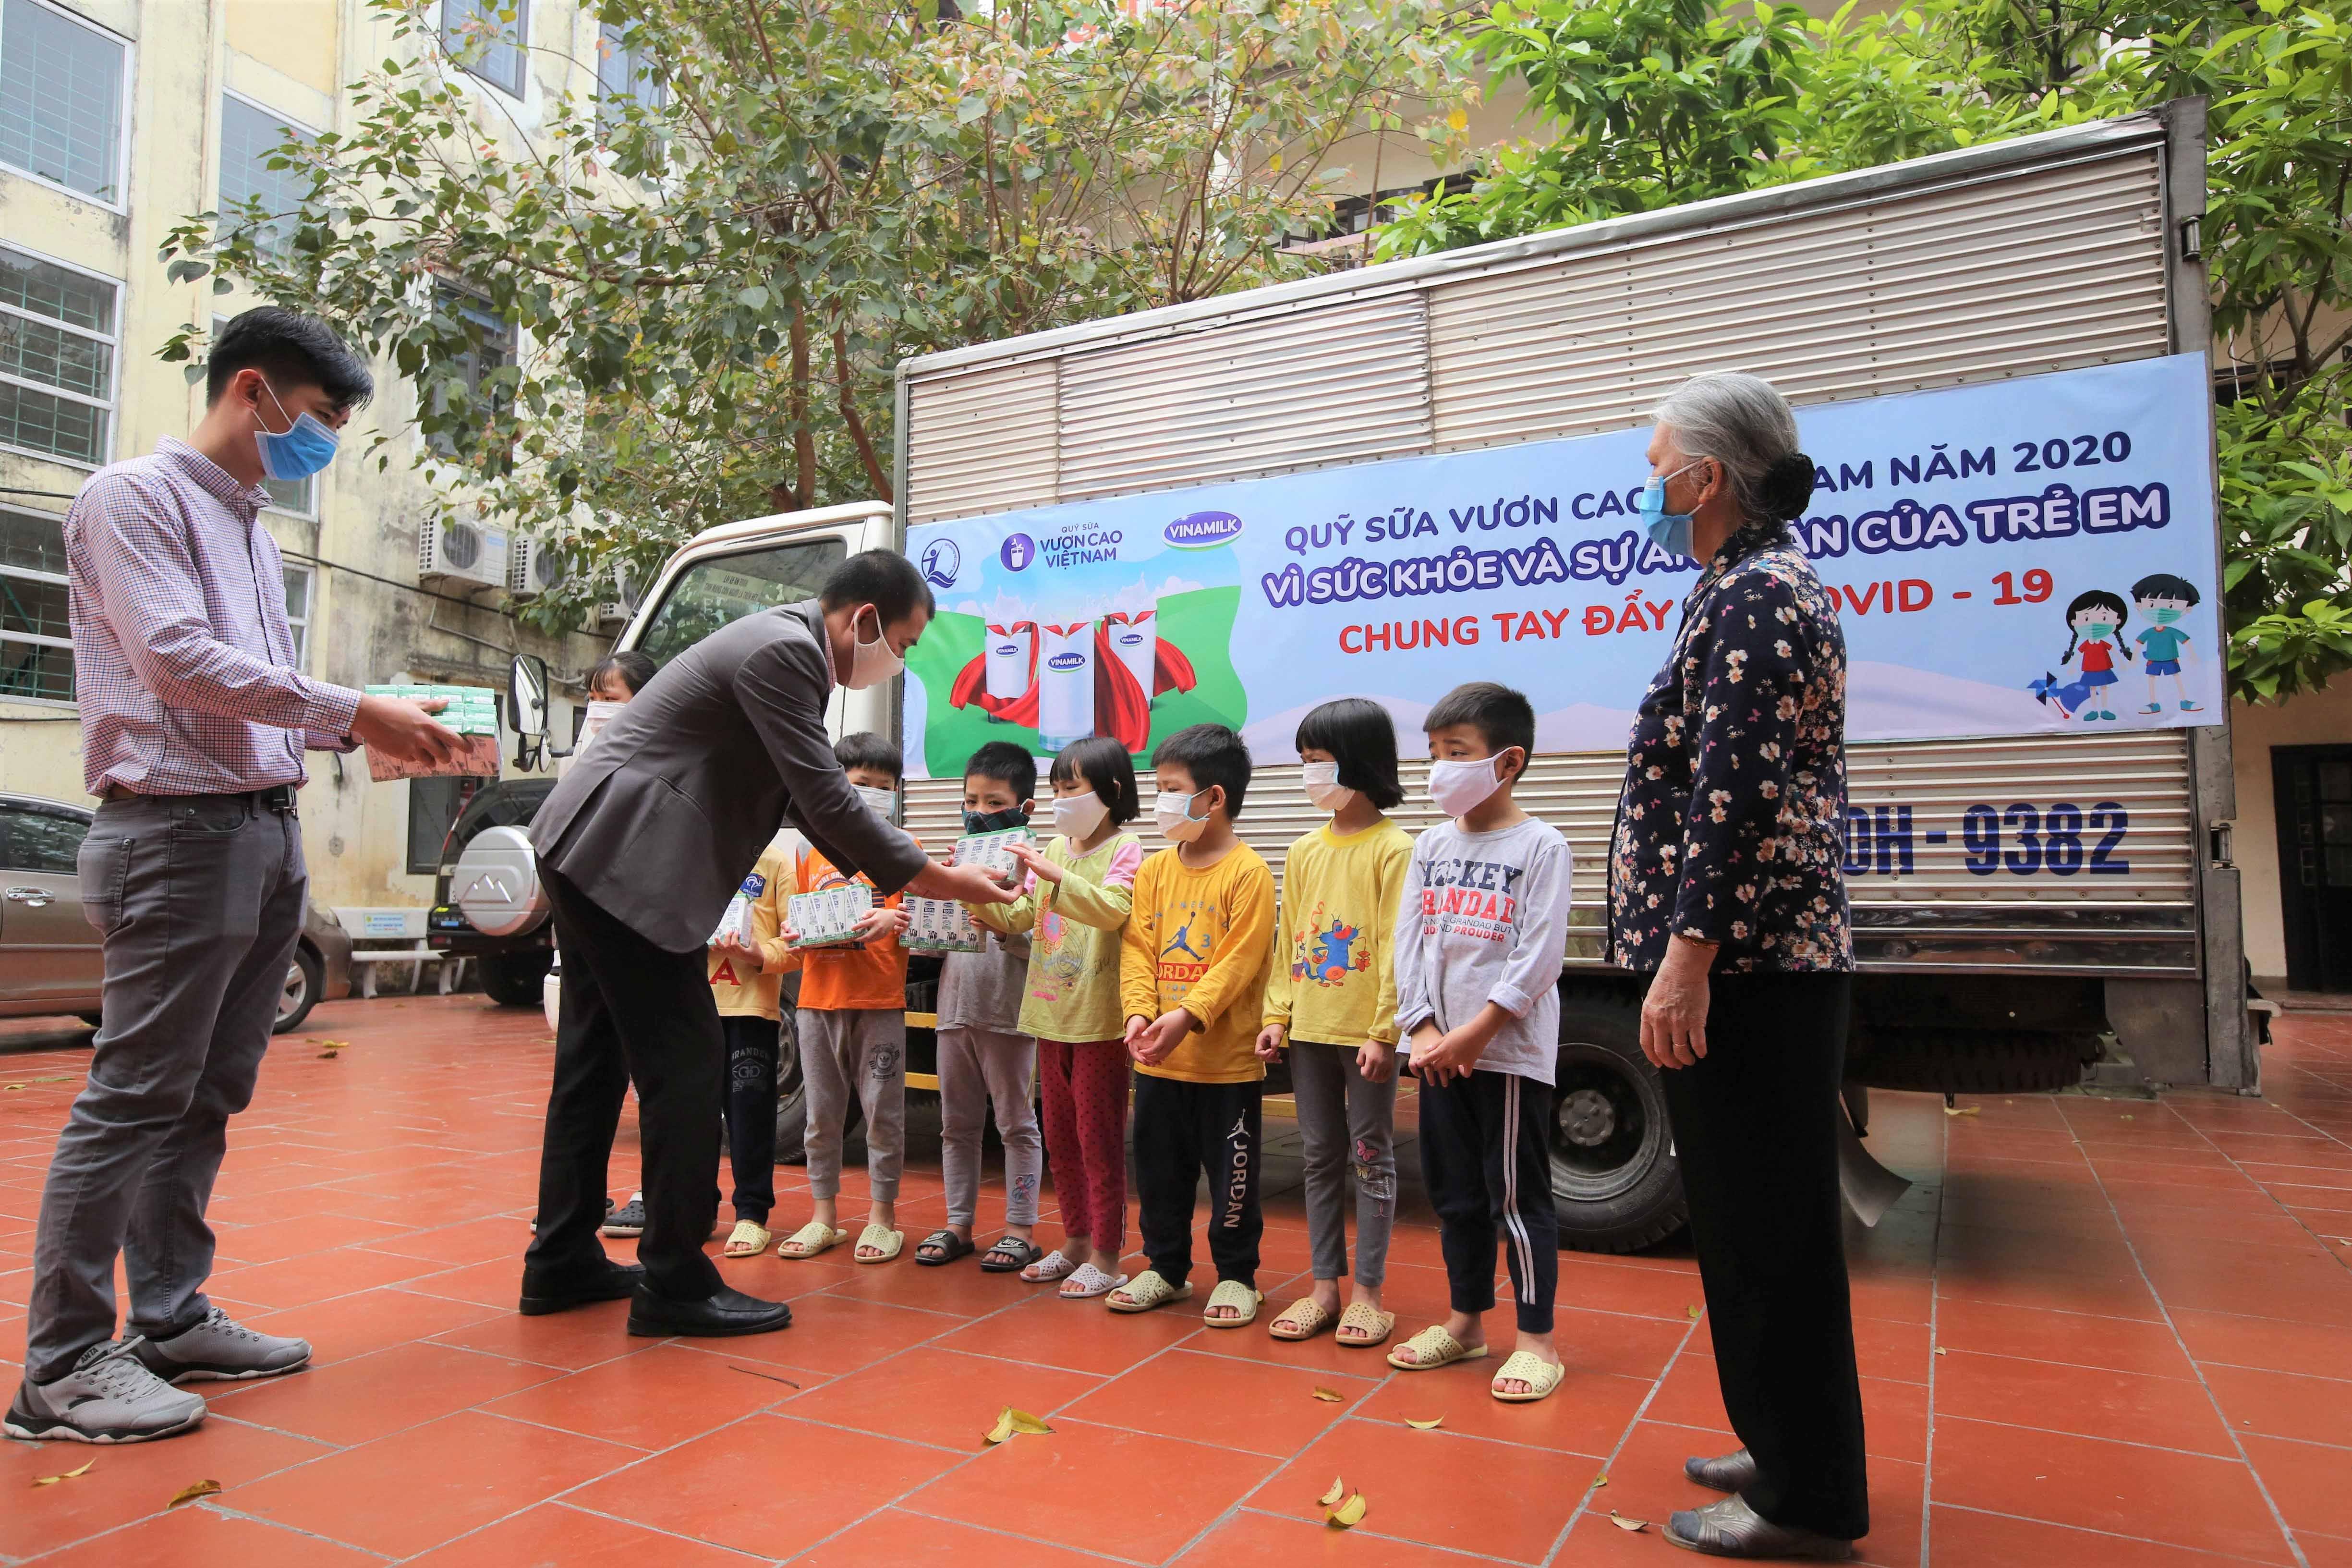 Quỹ sữa Vươn cao Việt Nam trao tặng 1,7 triệu hộp sữa hỗ trợ trẻ em có hoàn cảnh khó khăn trong dịch Covid-19 -0